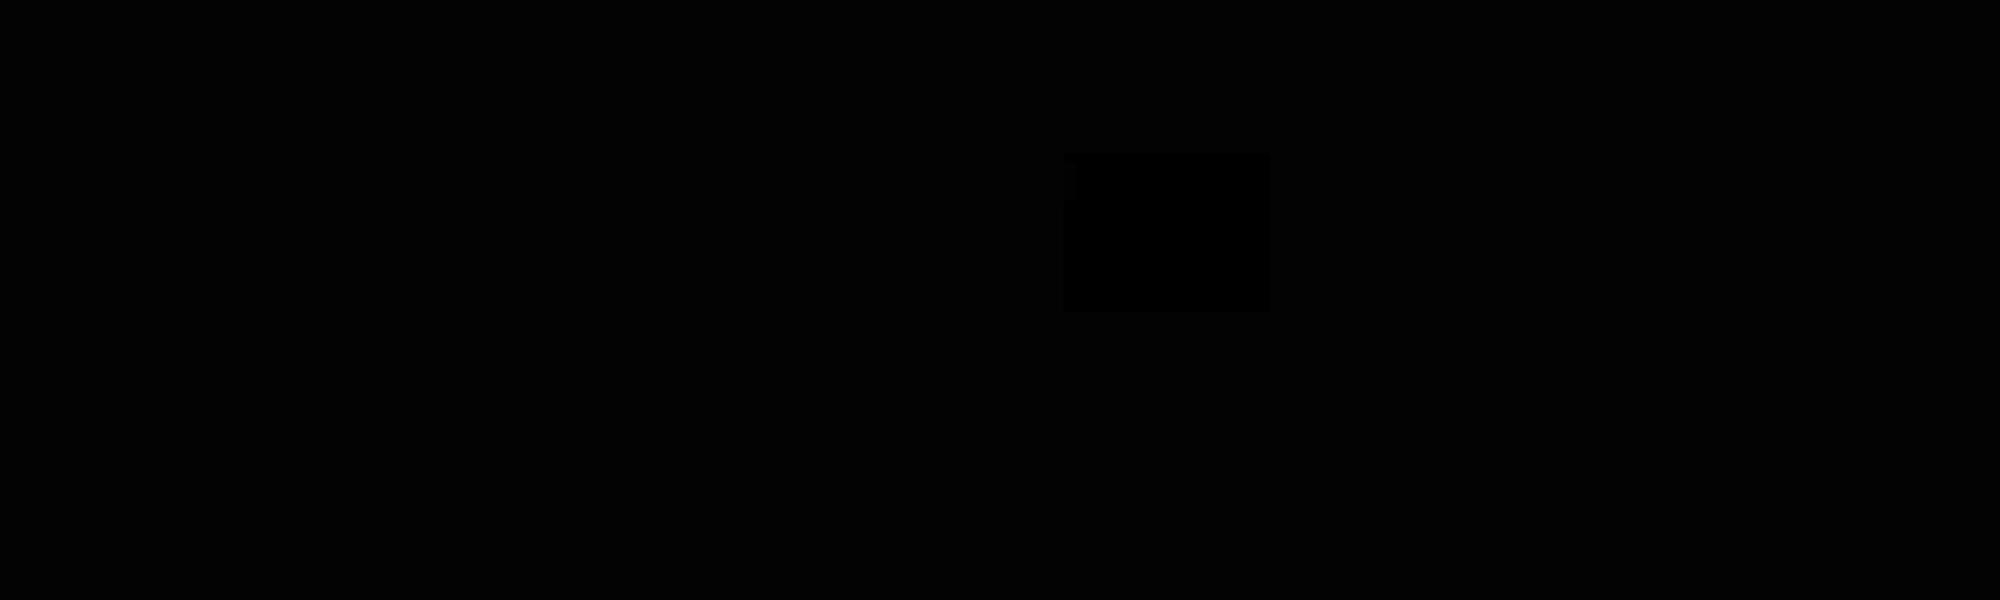 Nimbuz - VFS Marl